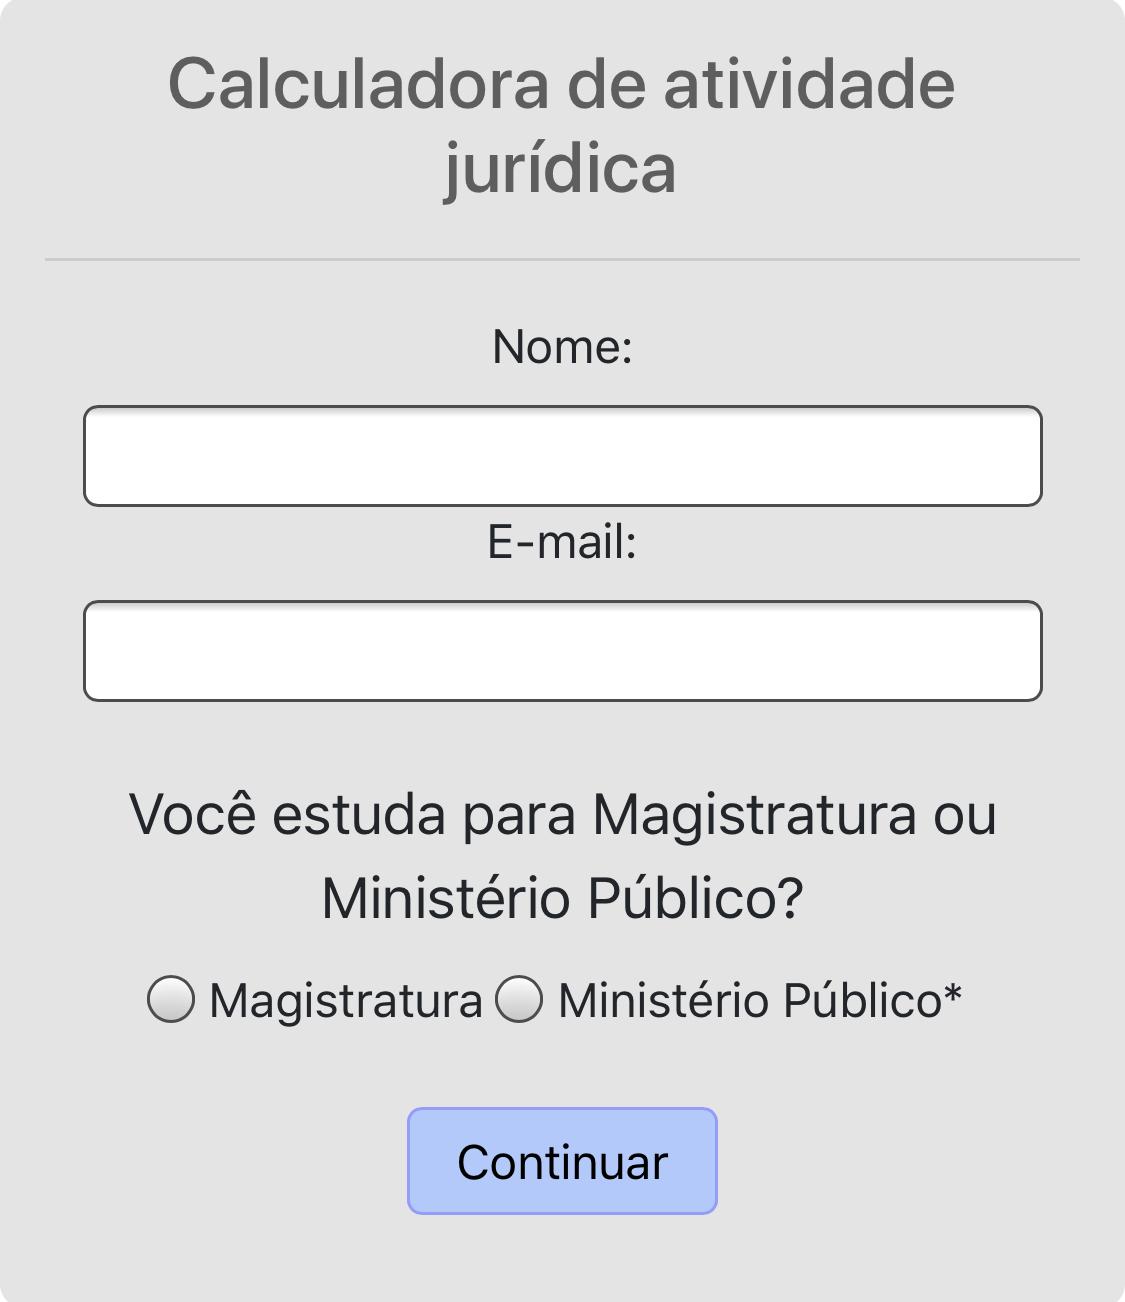 CALCULE SEU TEMPO DE ATIVIDADE JURÍDICA